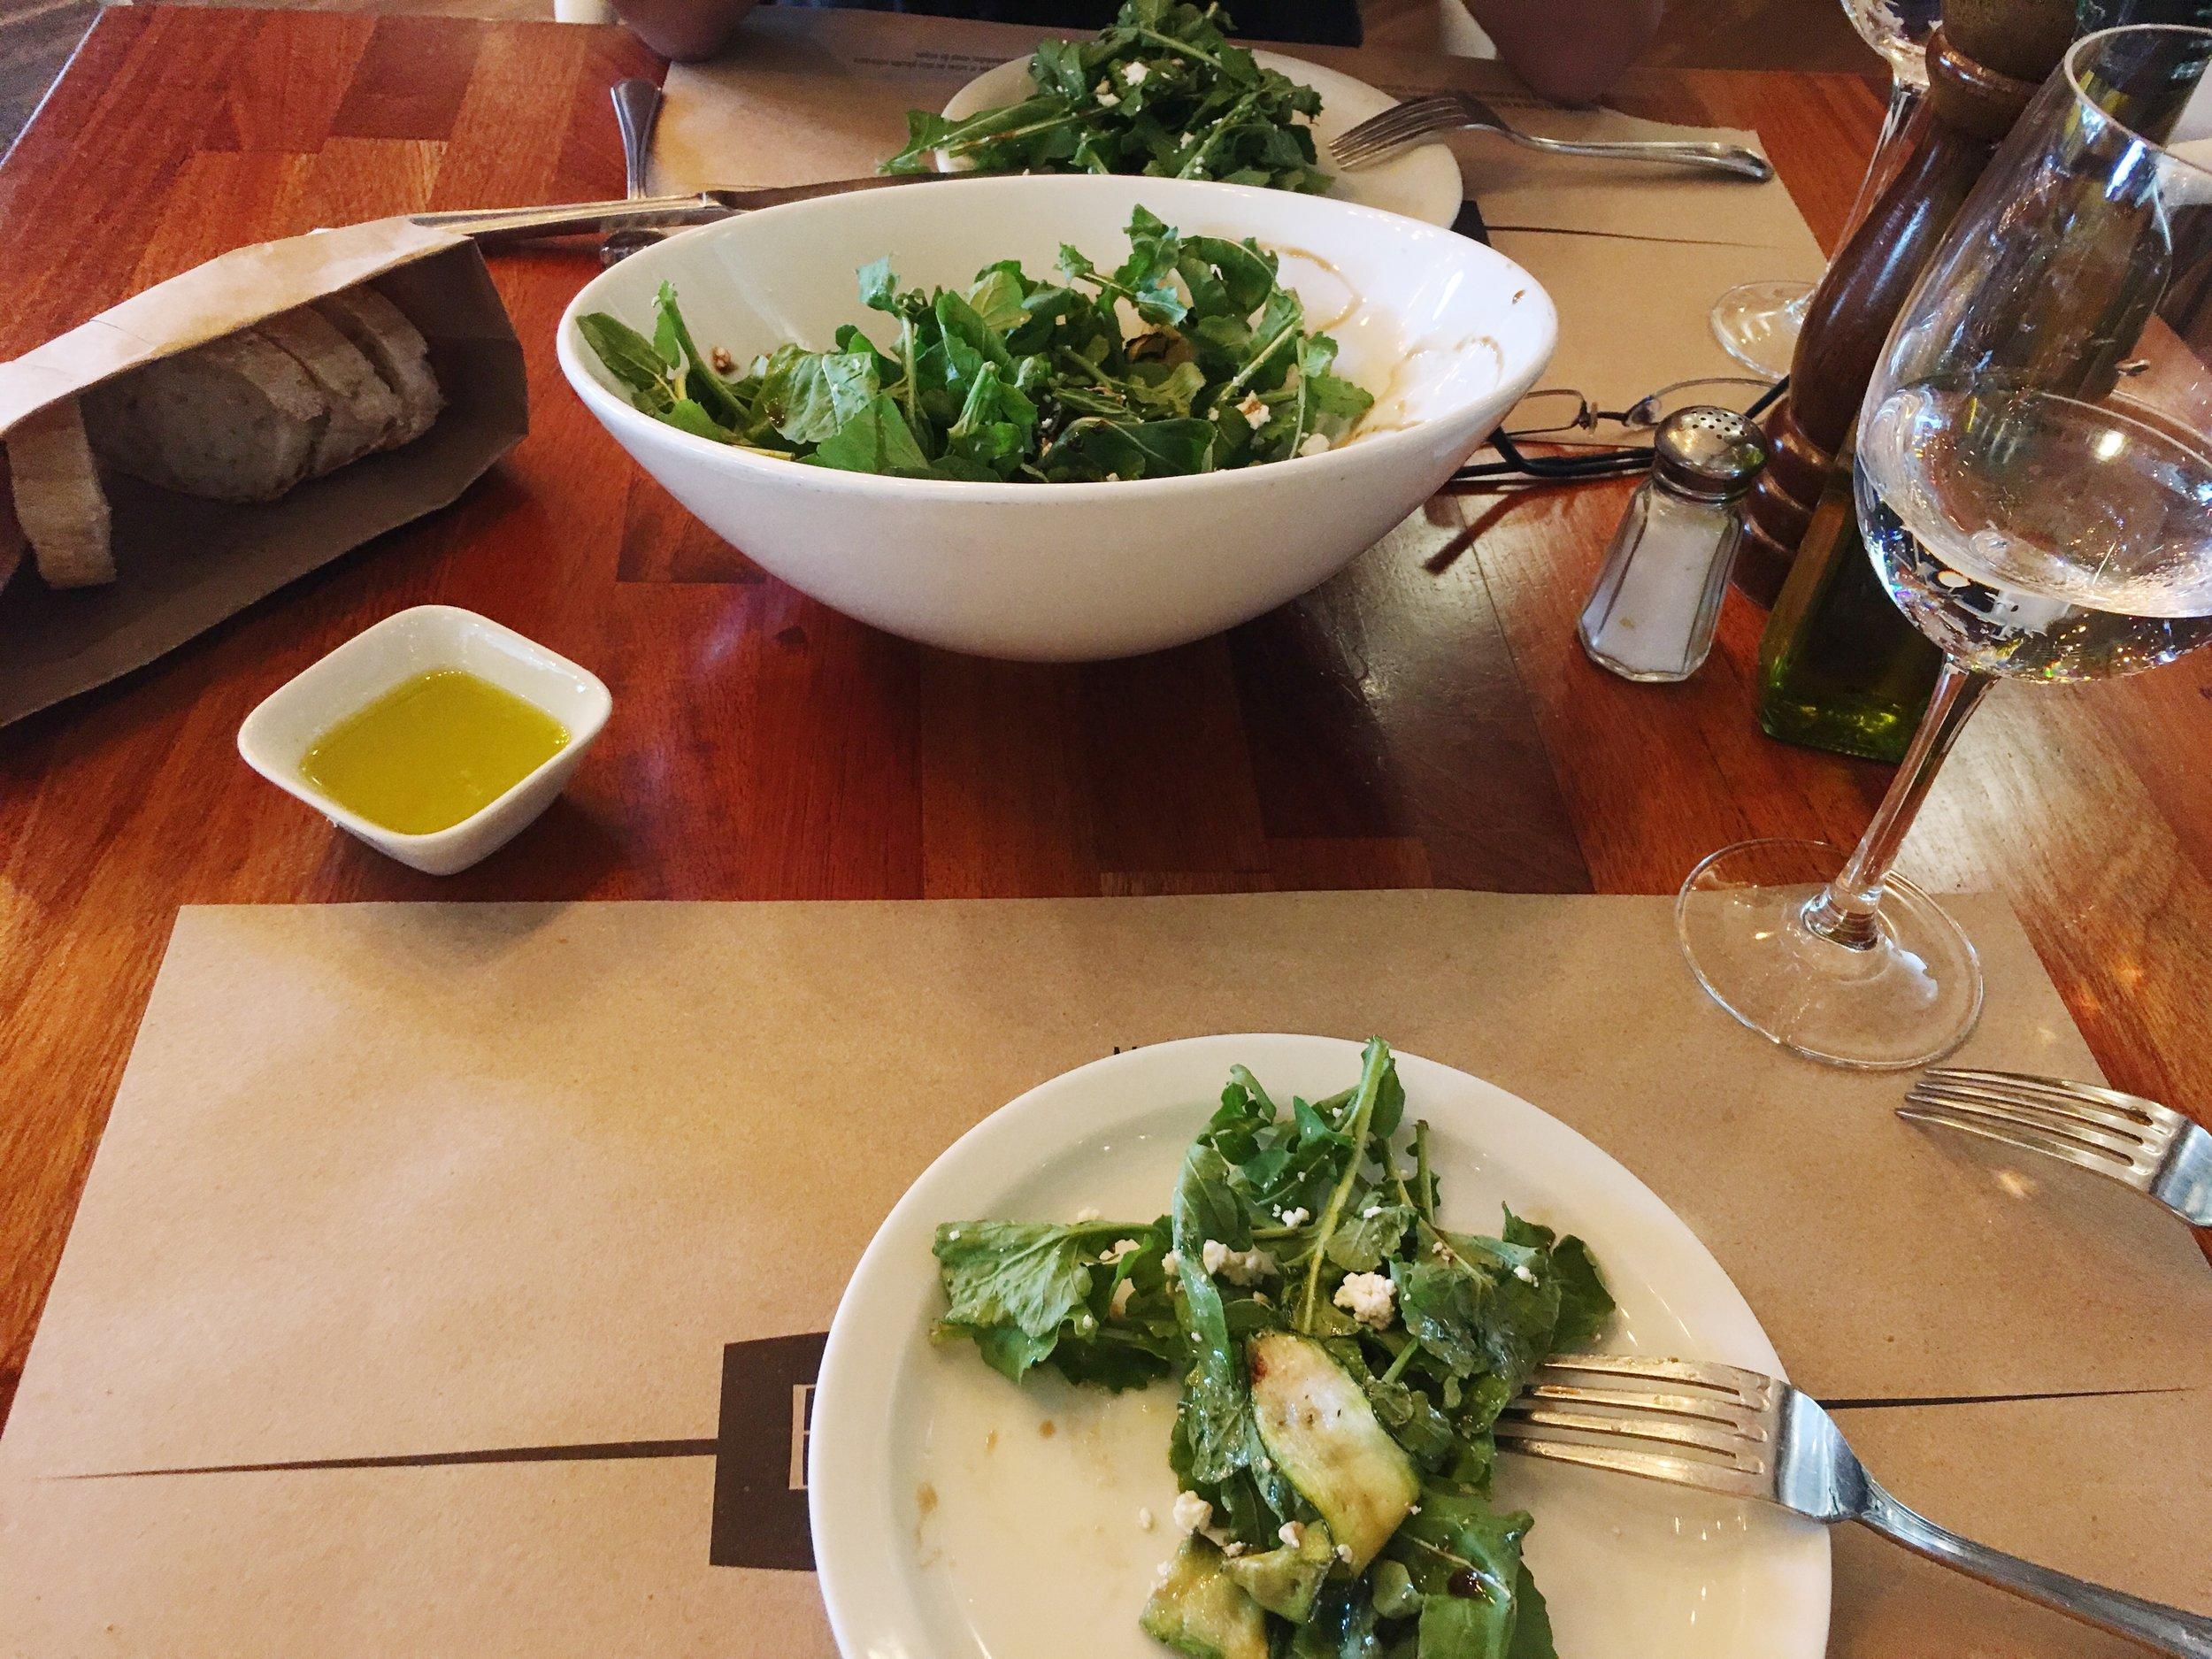 zucchini grigliato